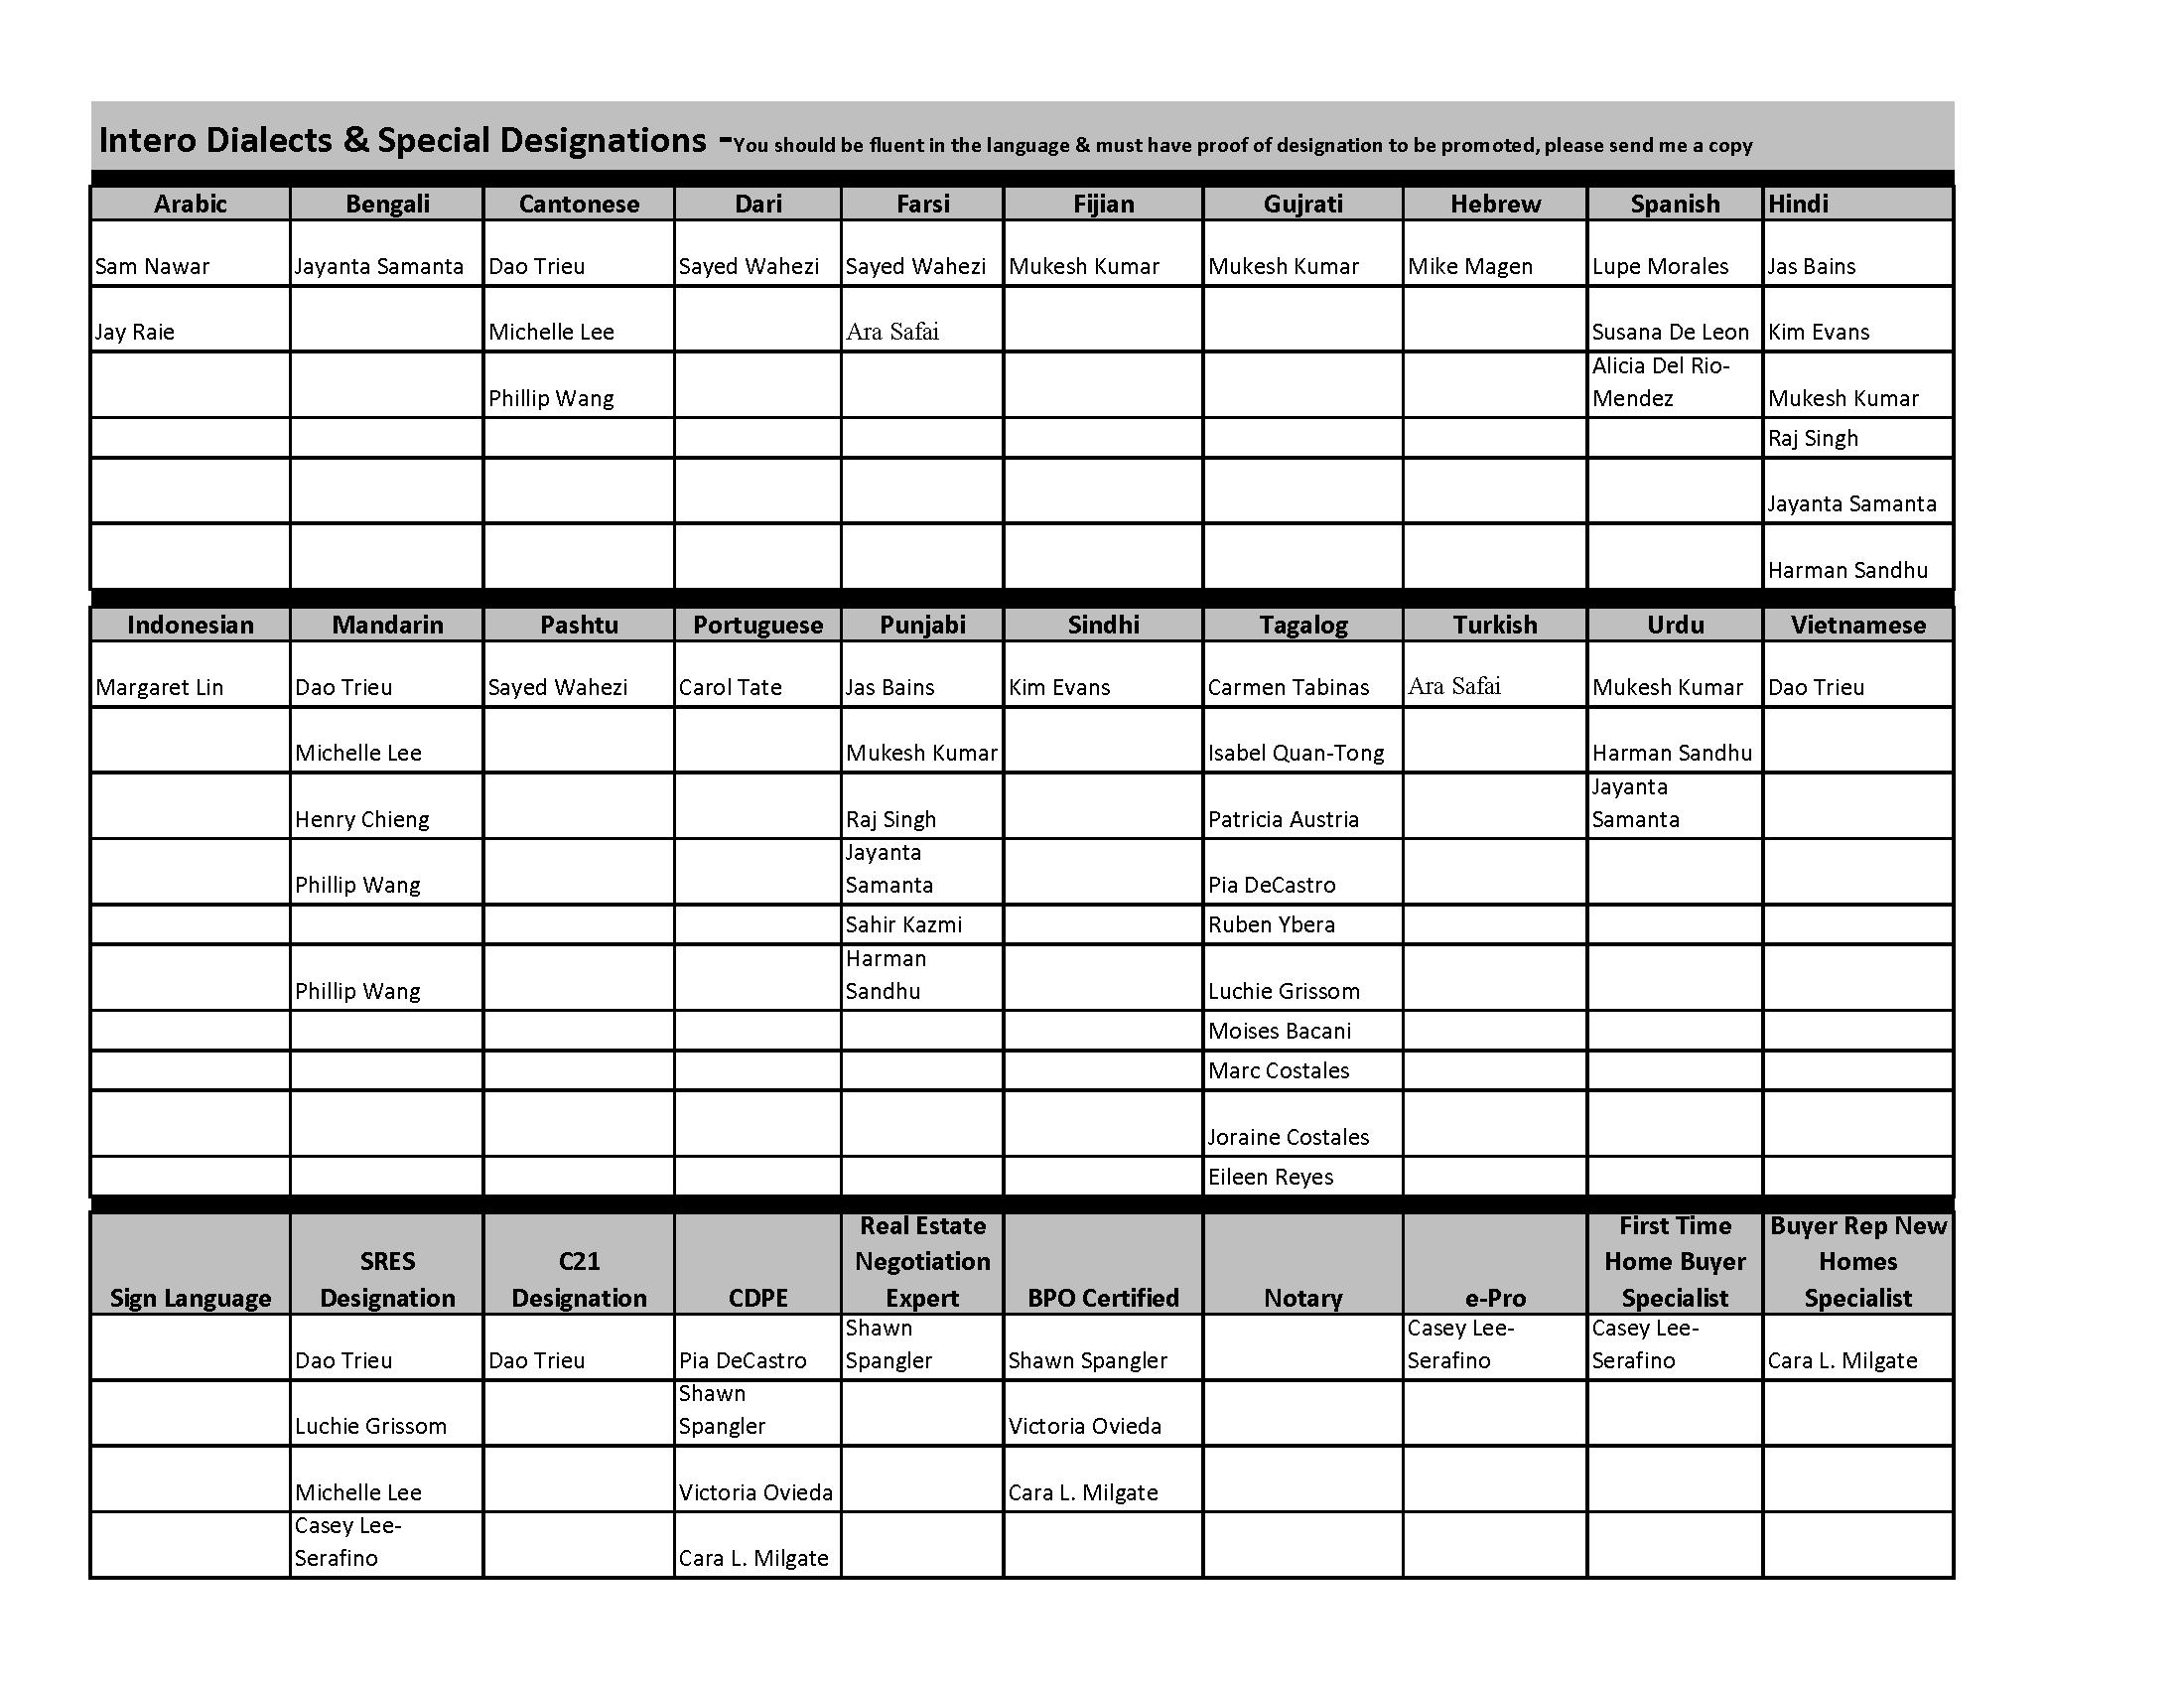 Master List- Languages & Designations